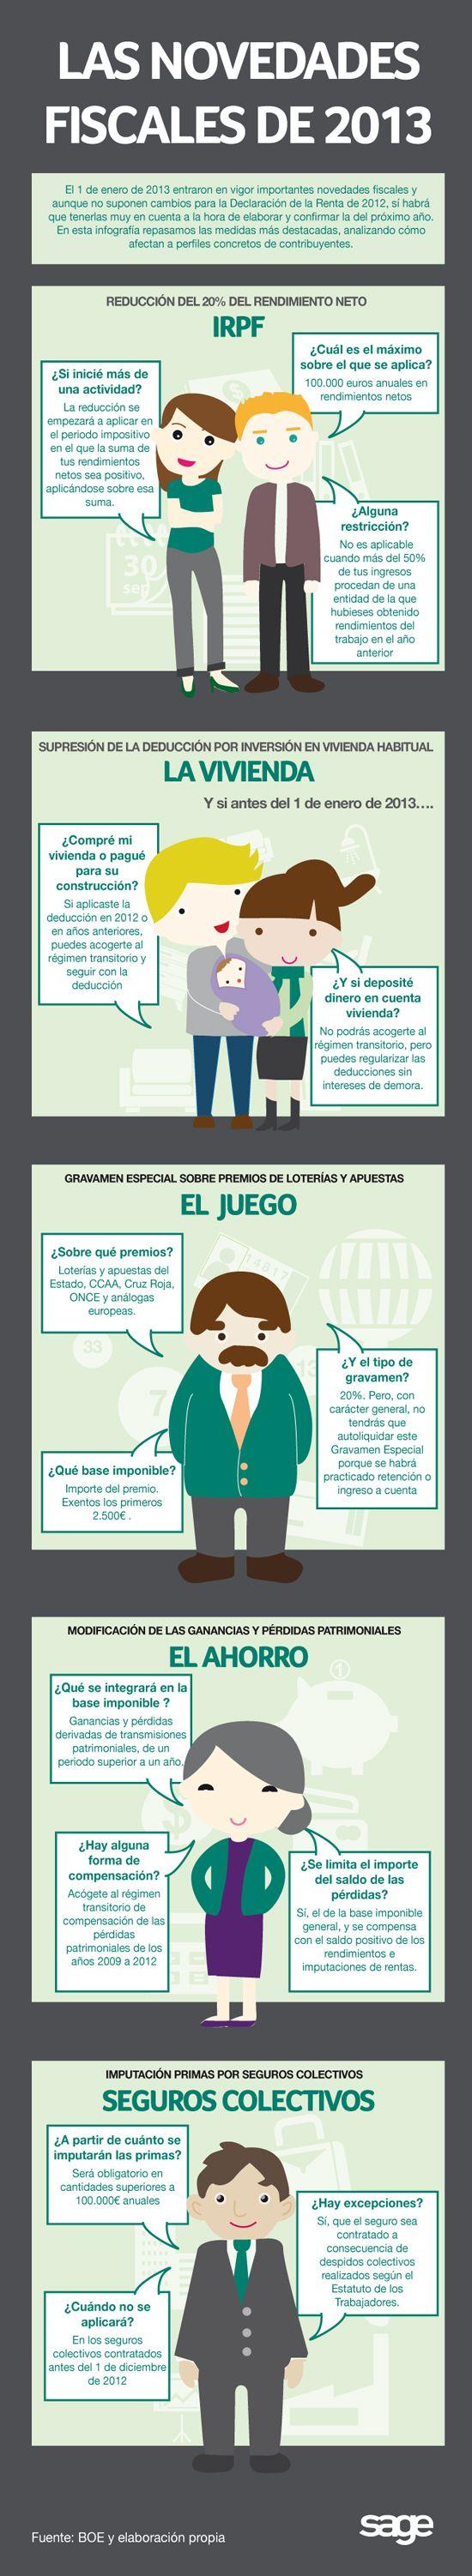 Novedades fiscales 2013 (España) #infografia